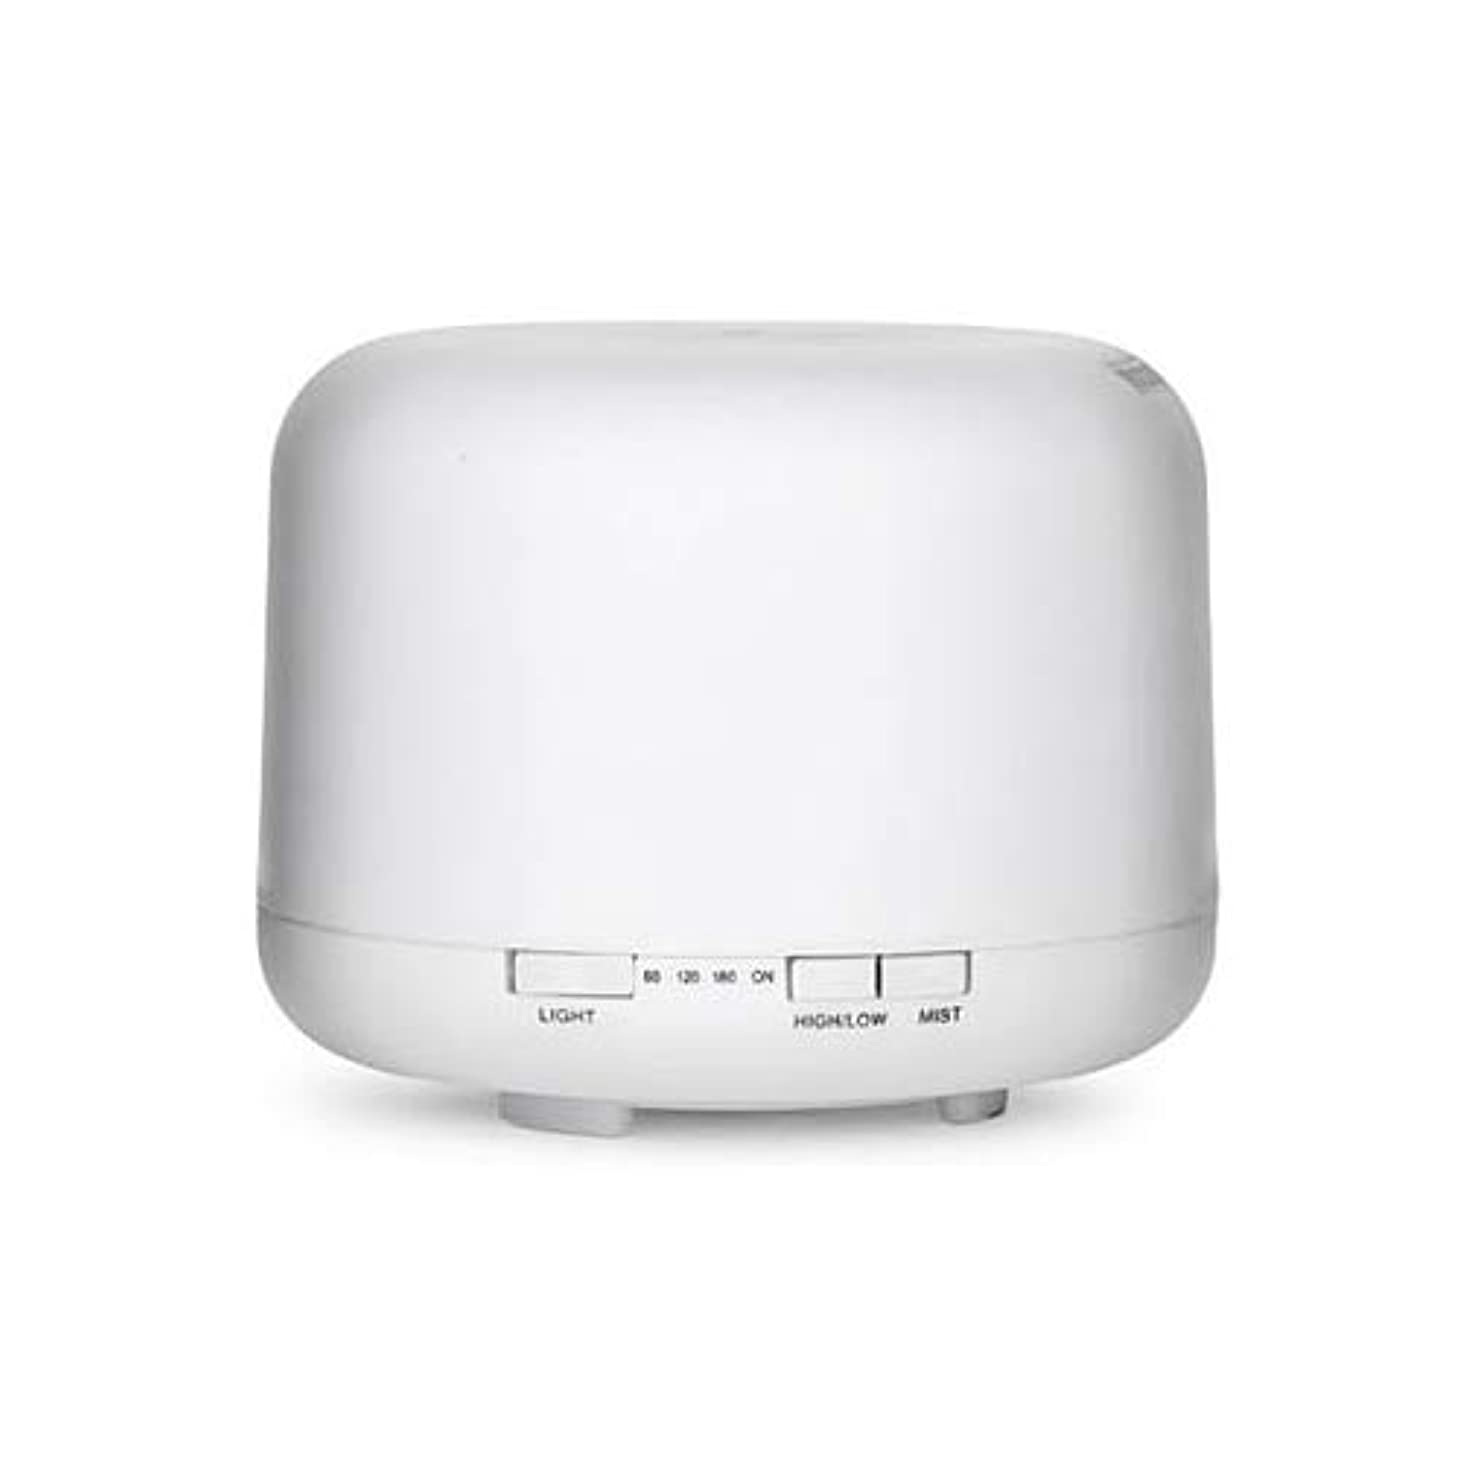 サービス証言する政治的WONDER LABO》超音波加湿器 ミスト アロマディフューザー 加湿器 気化式 乾燥対策 7色変換LED付き 卓上 オフィス 空焚き防止 静音 500ml